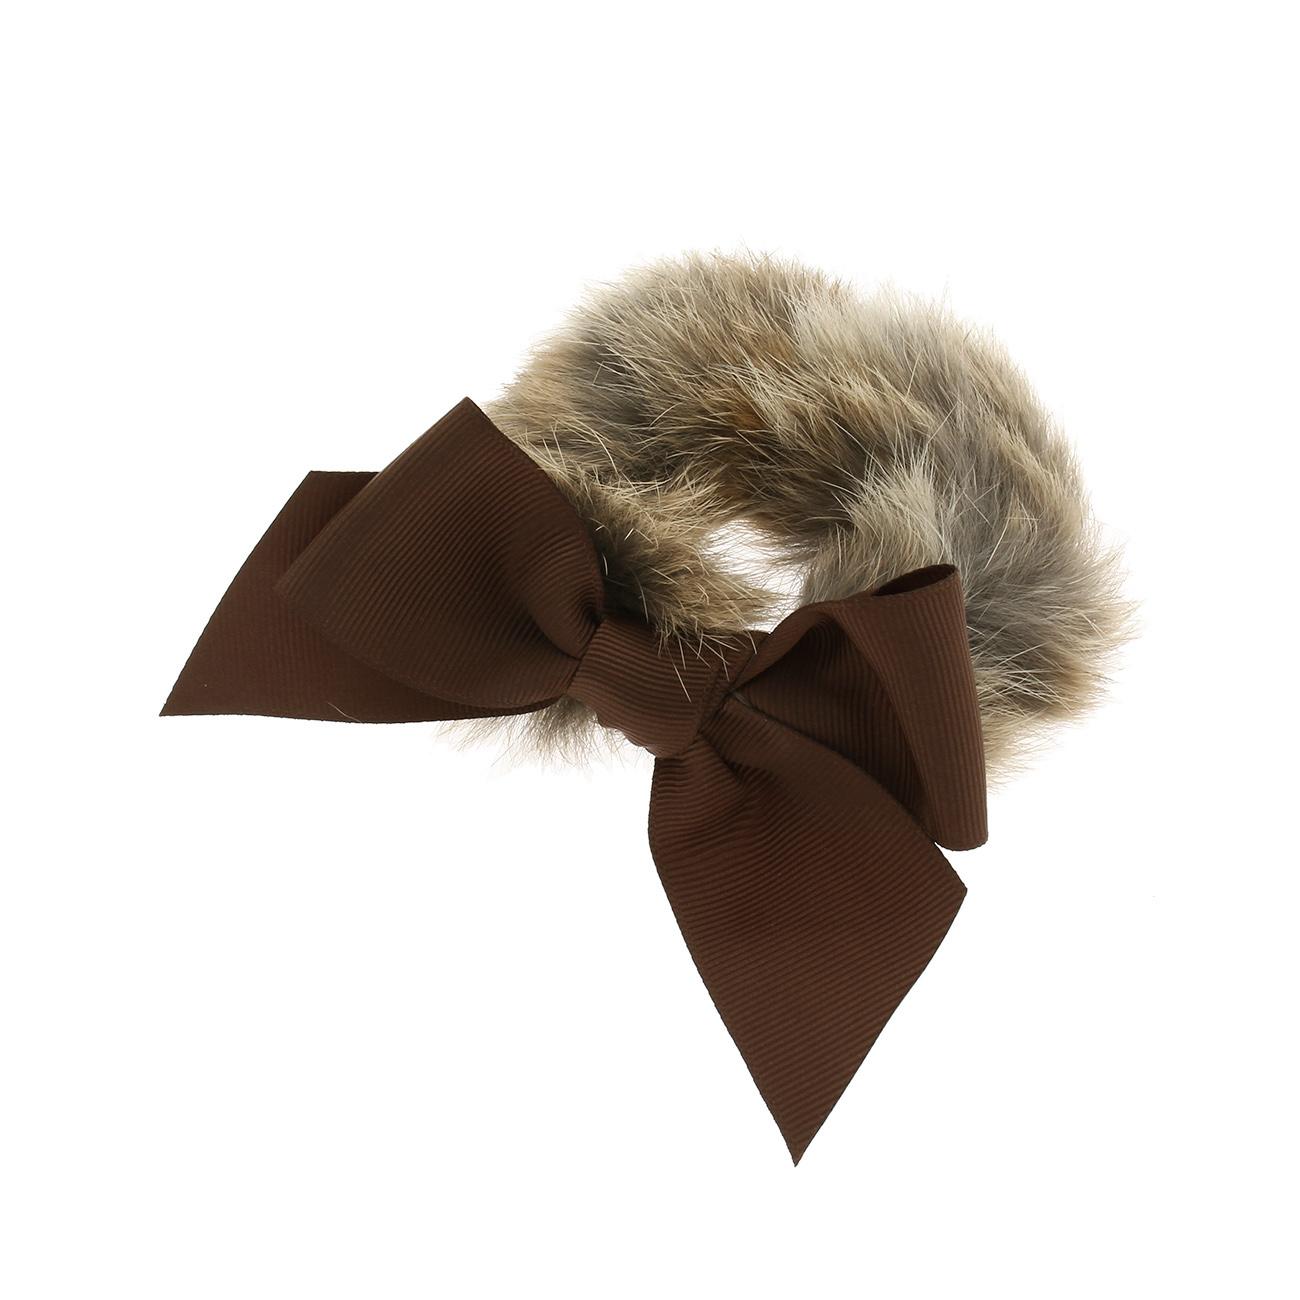 【Couture Brooch (クチュールブローチ)】リボンモチーフリアルファーシュシュレディース ヘアアクセサリー|ヘアゴム・シュシュ ブラウン